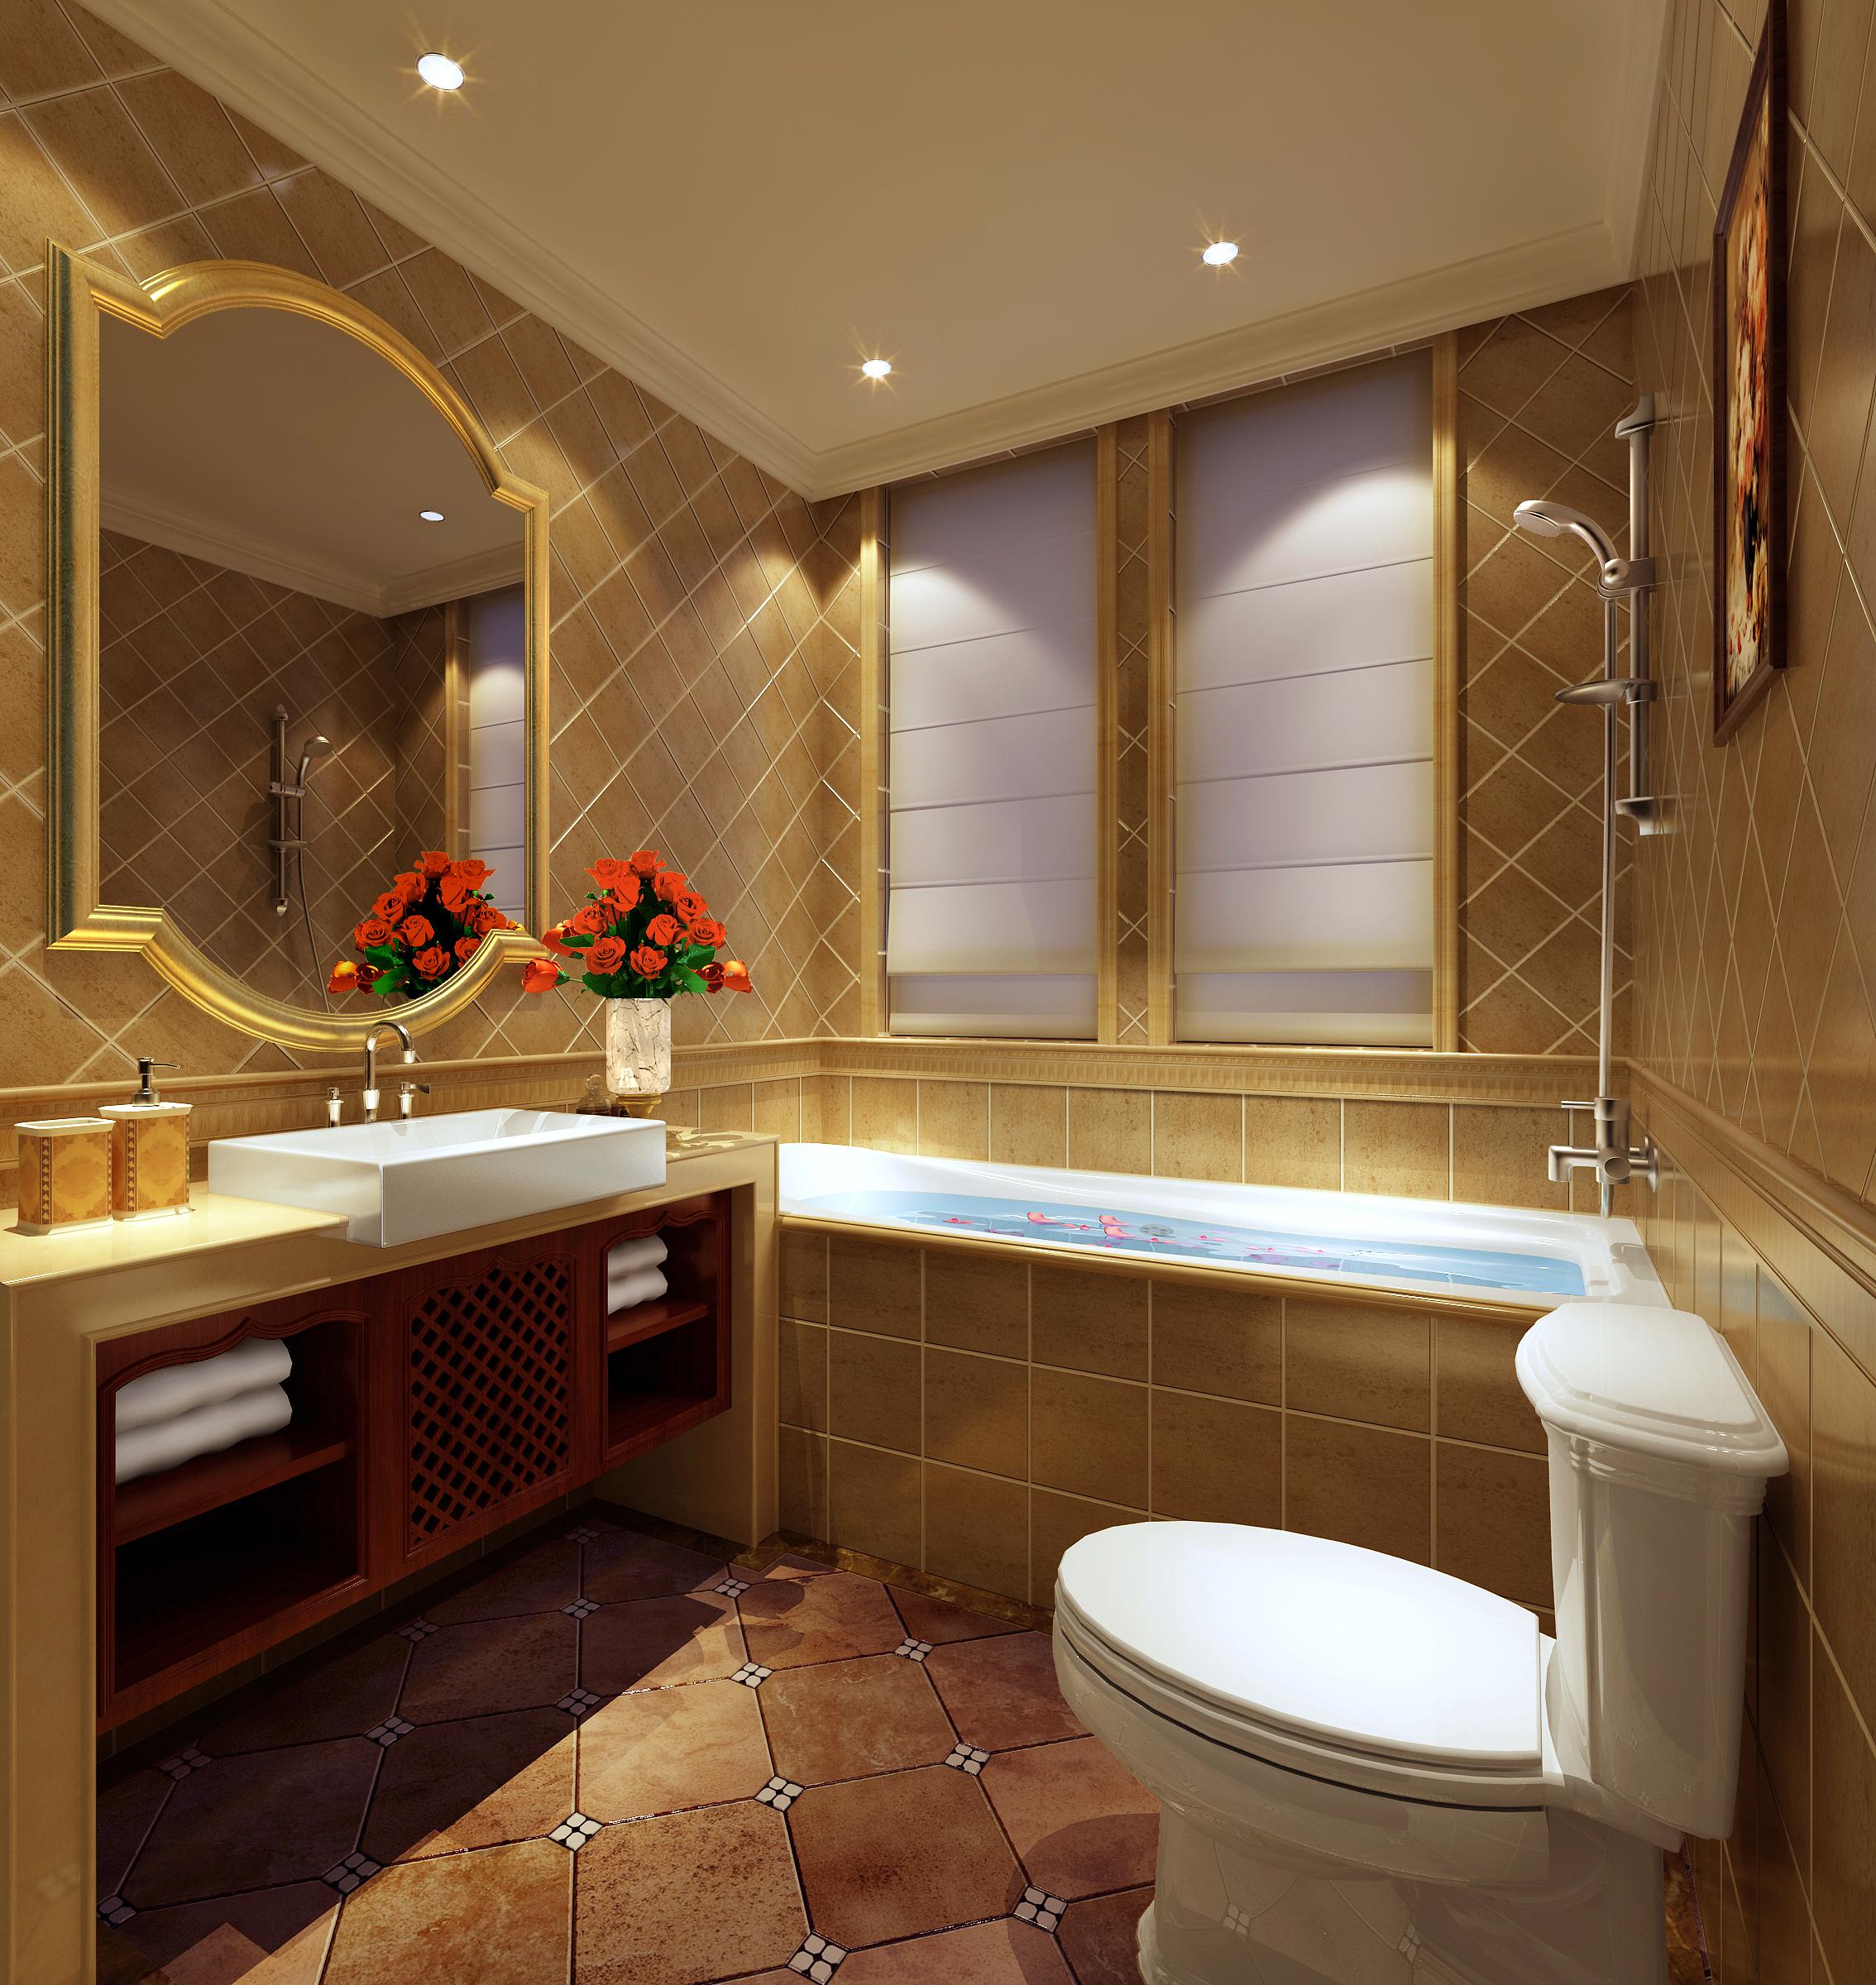 Classic Bathroom 3D Model .max - CGTrader.com